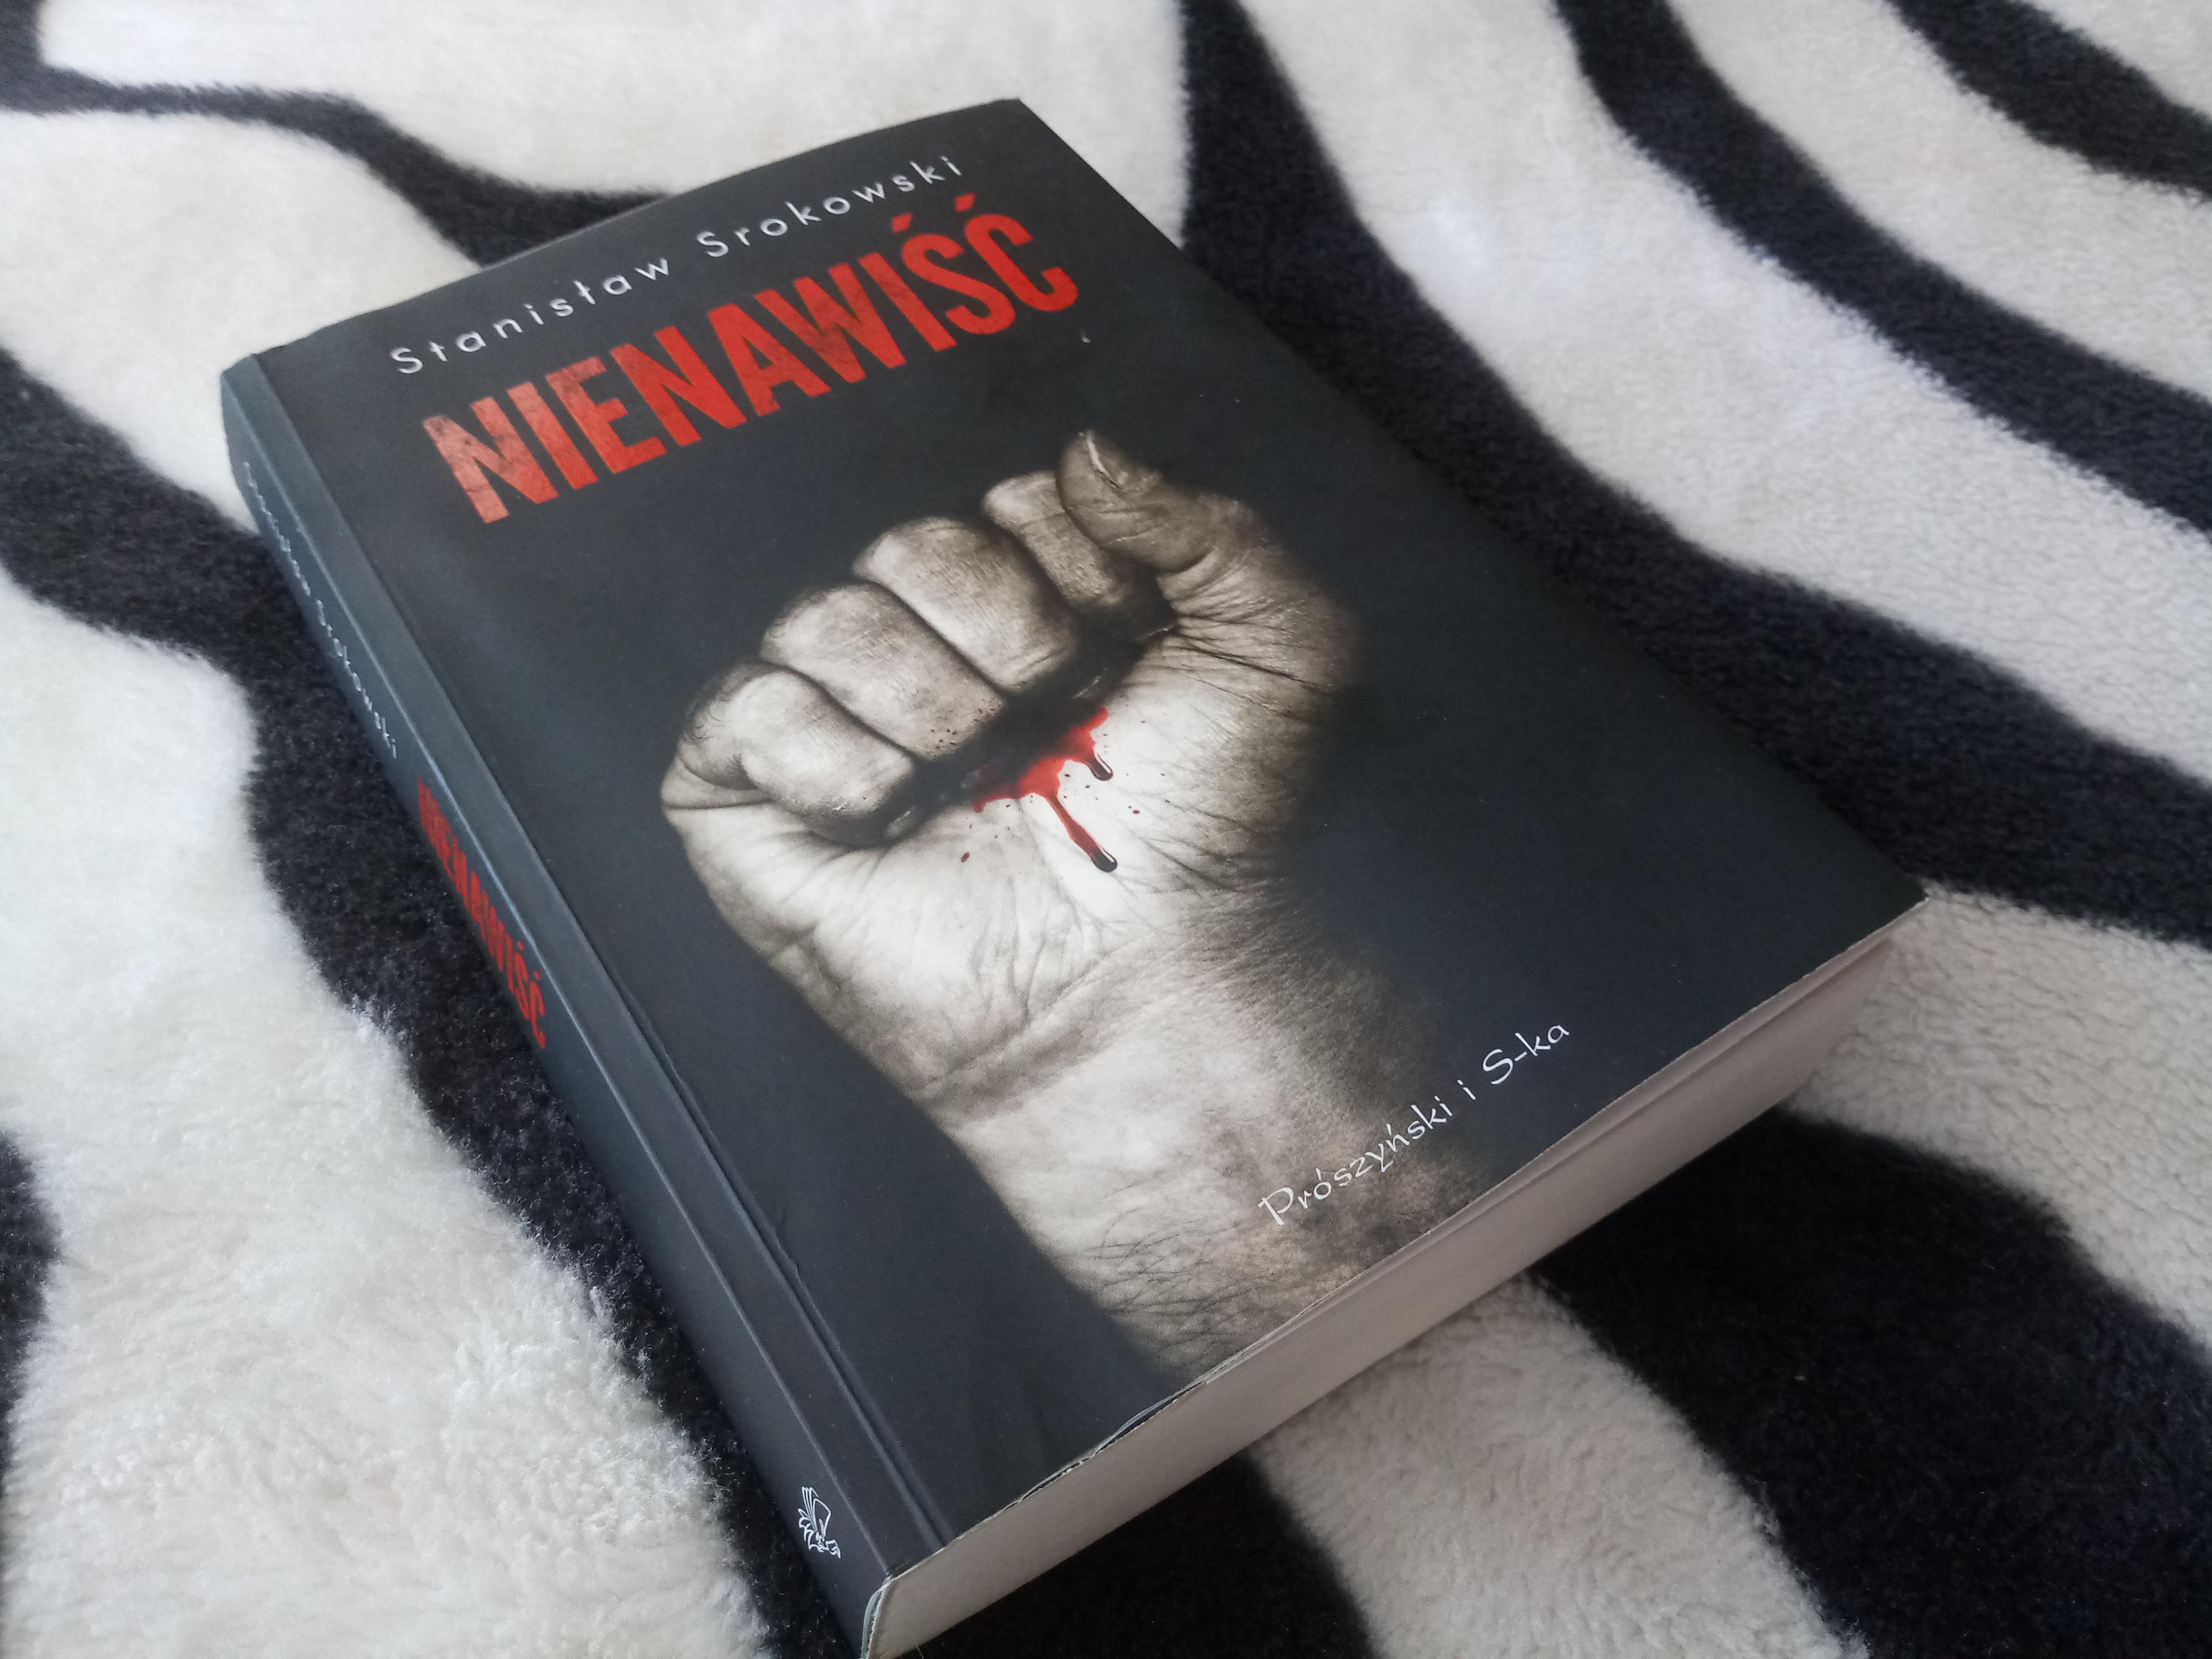 Nienawiść – Stanisław Srokowski